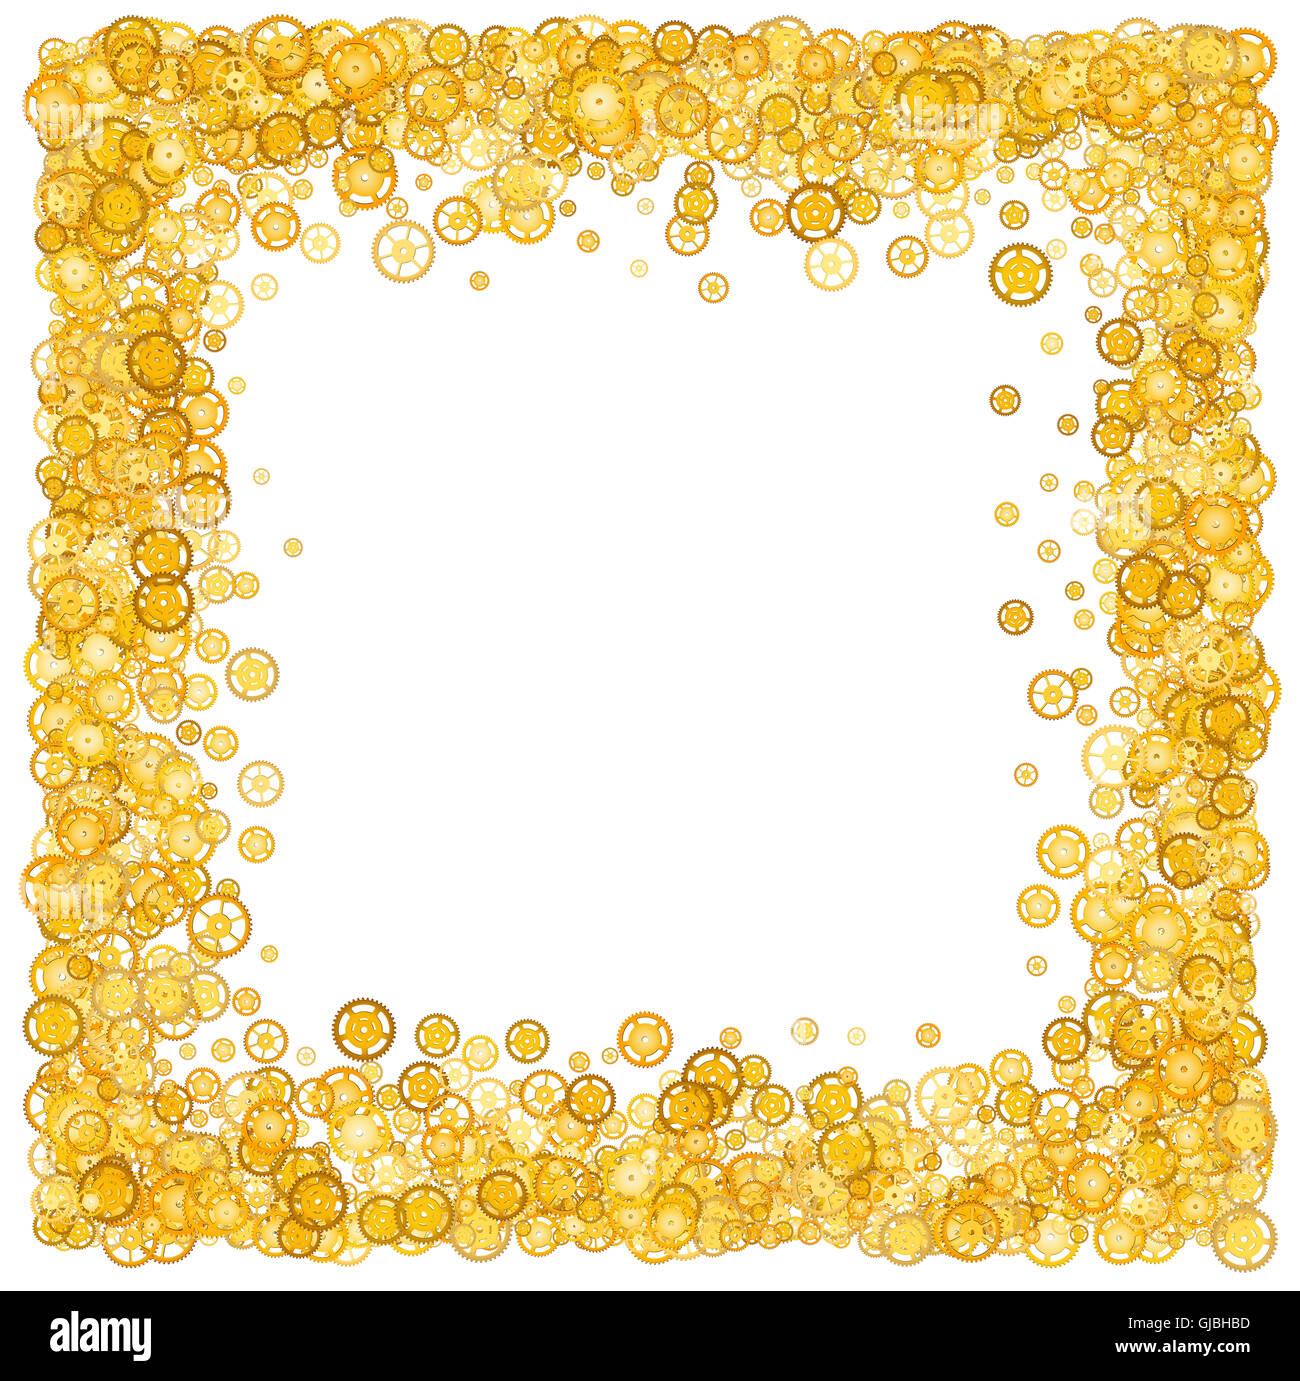 Karte mit vielen Gängen. Gold Grenze. Schimmer. Goldener Rahmen von ...